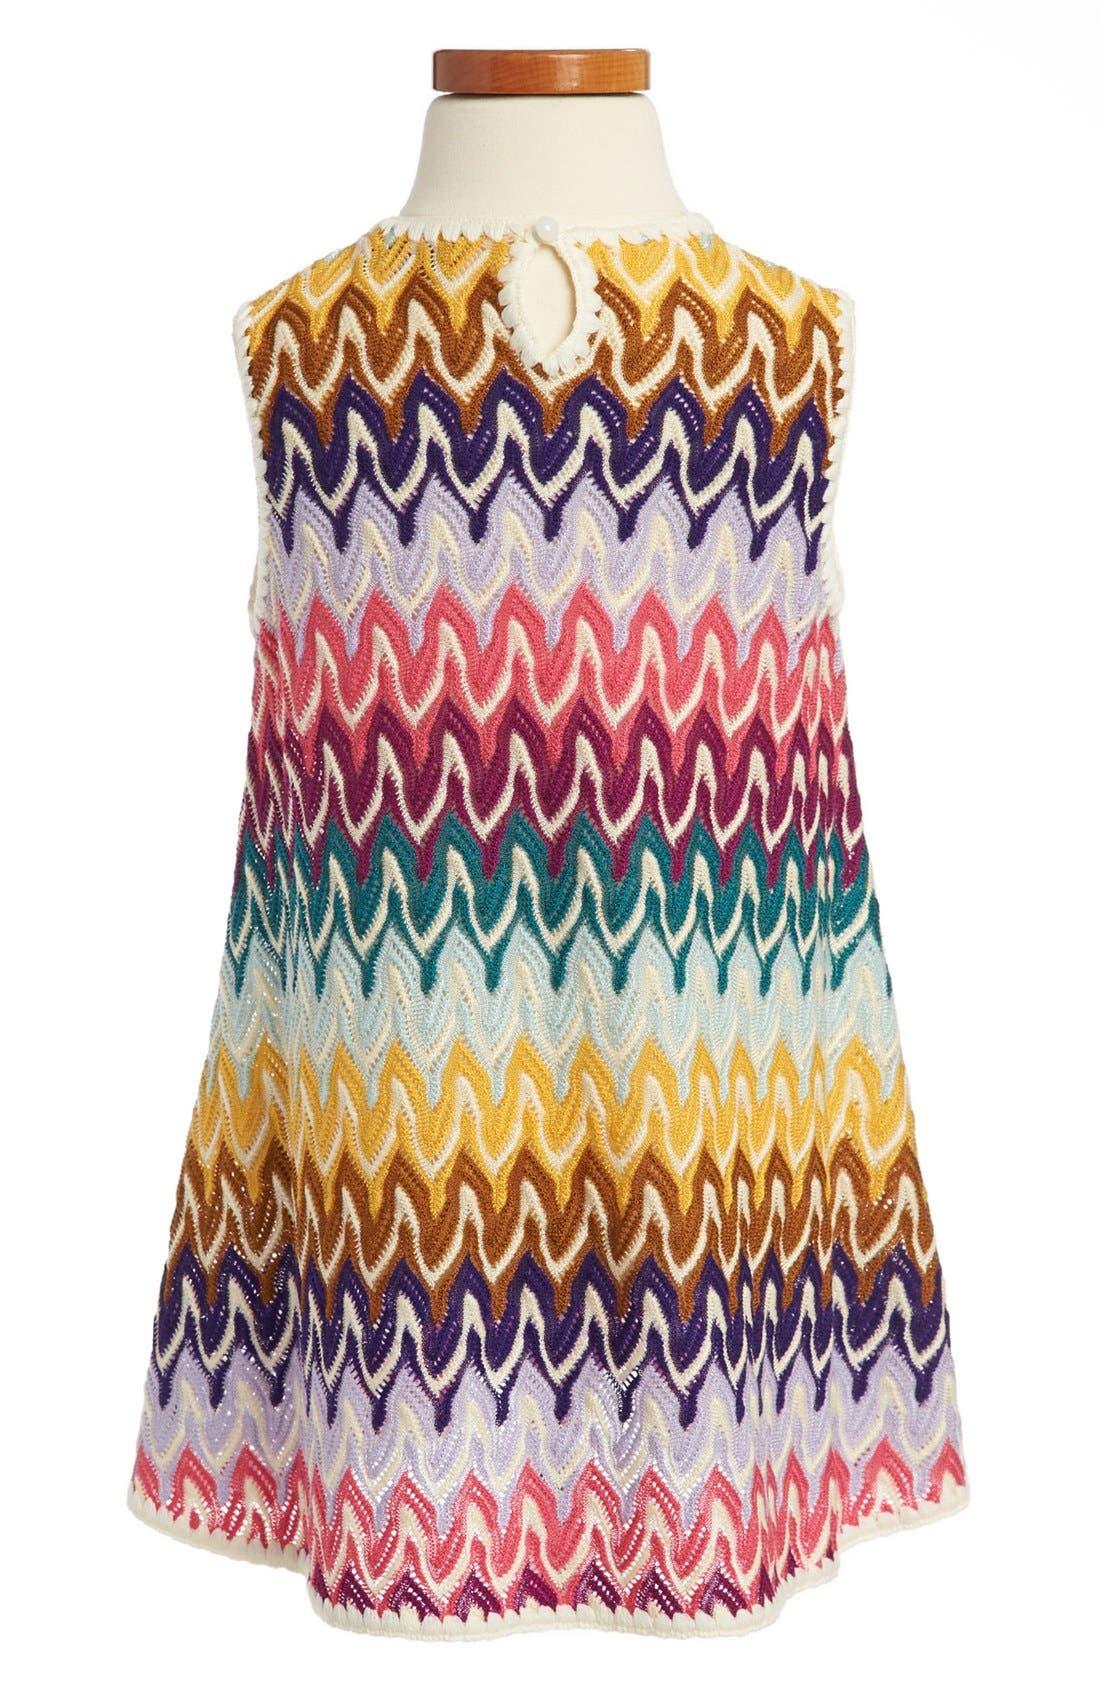 Alternate Image 2  - Missoni Sleeveless Crochet Dress (Toddler Girls, Little Girls & Big Girls)